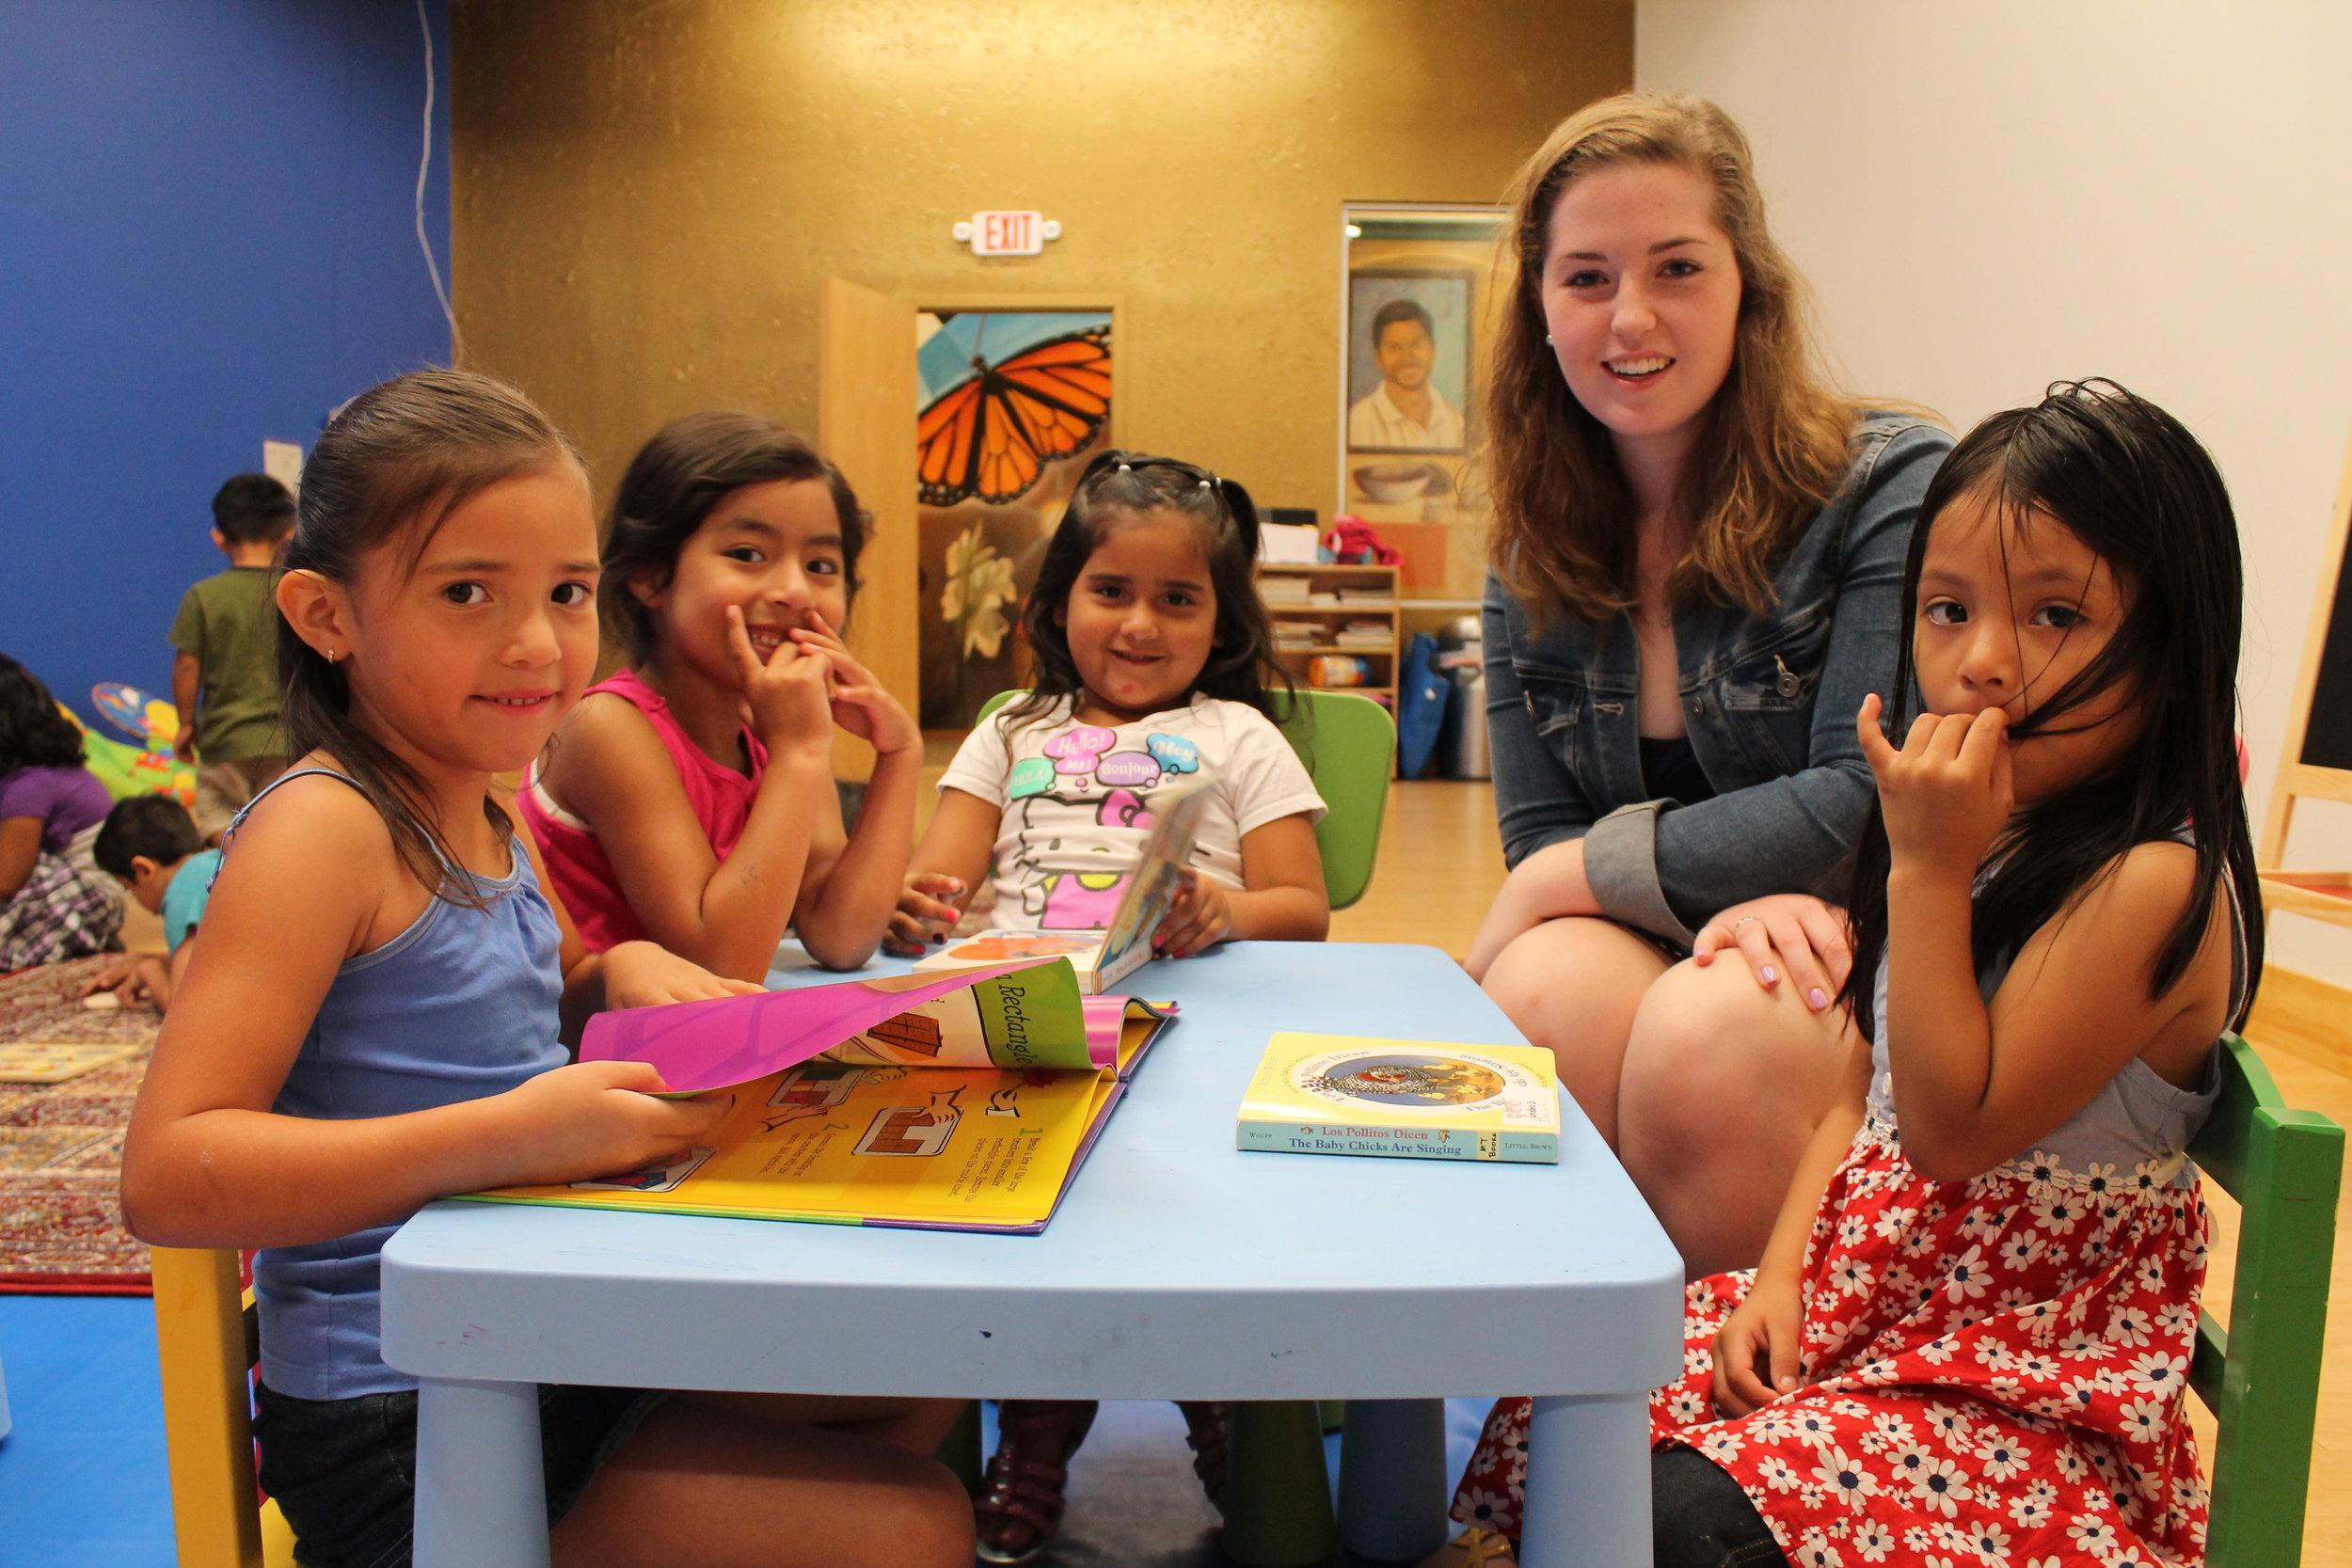 Descripción de foto: Niñes en la guardería Montessori leyendo libros.